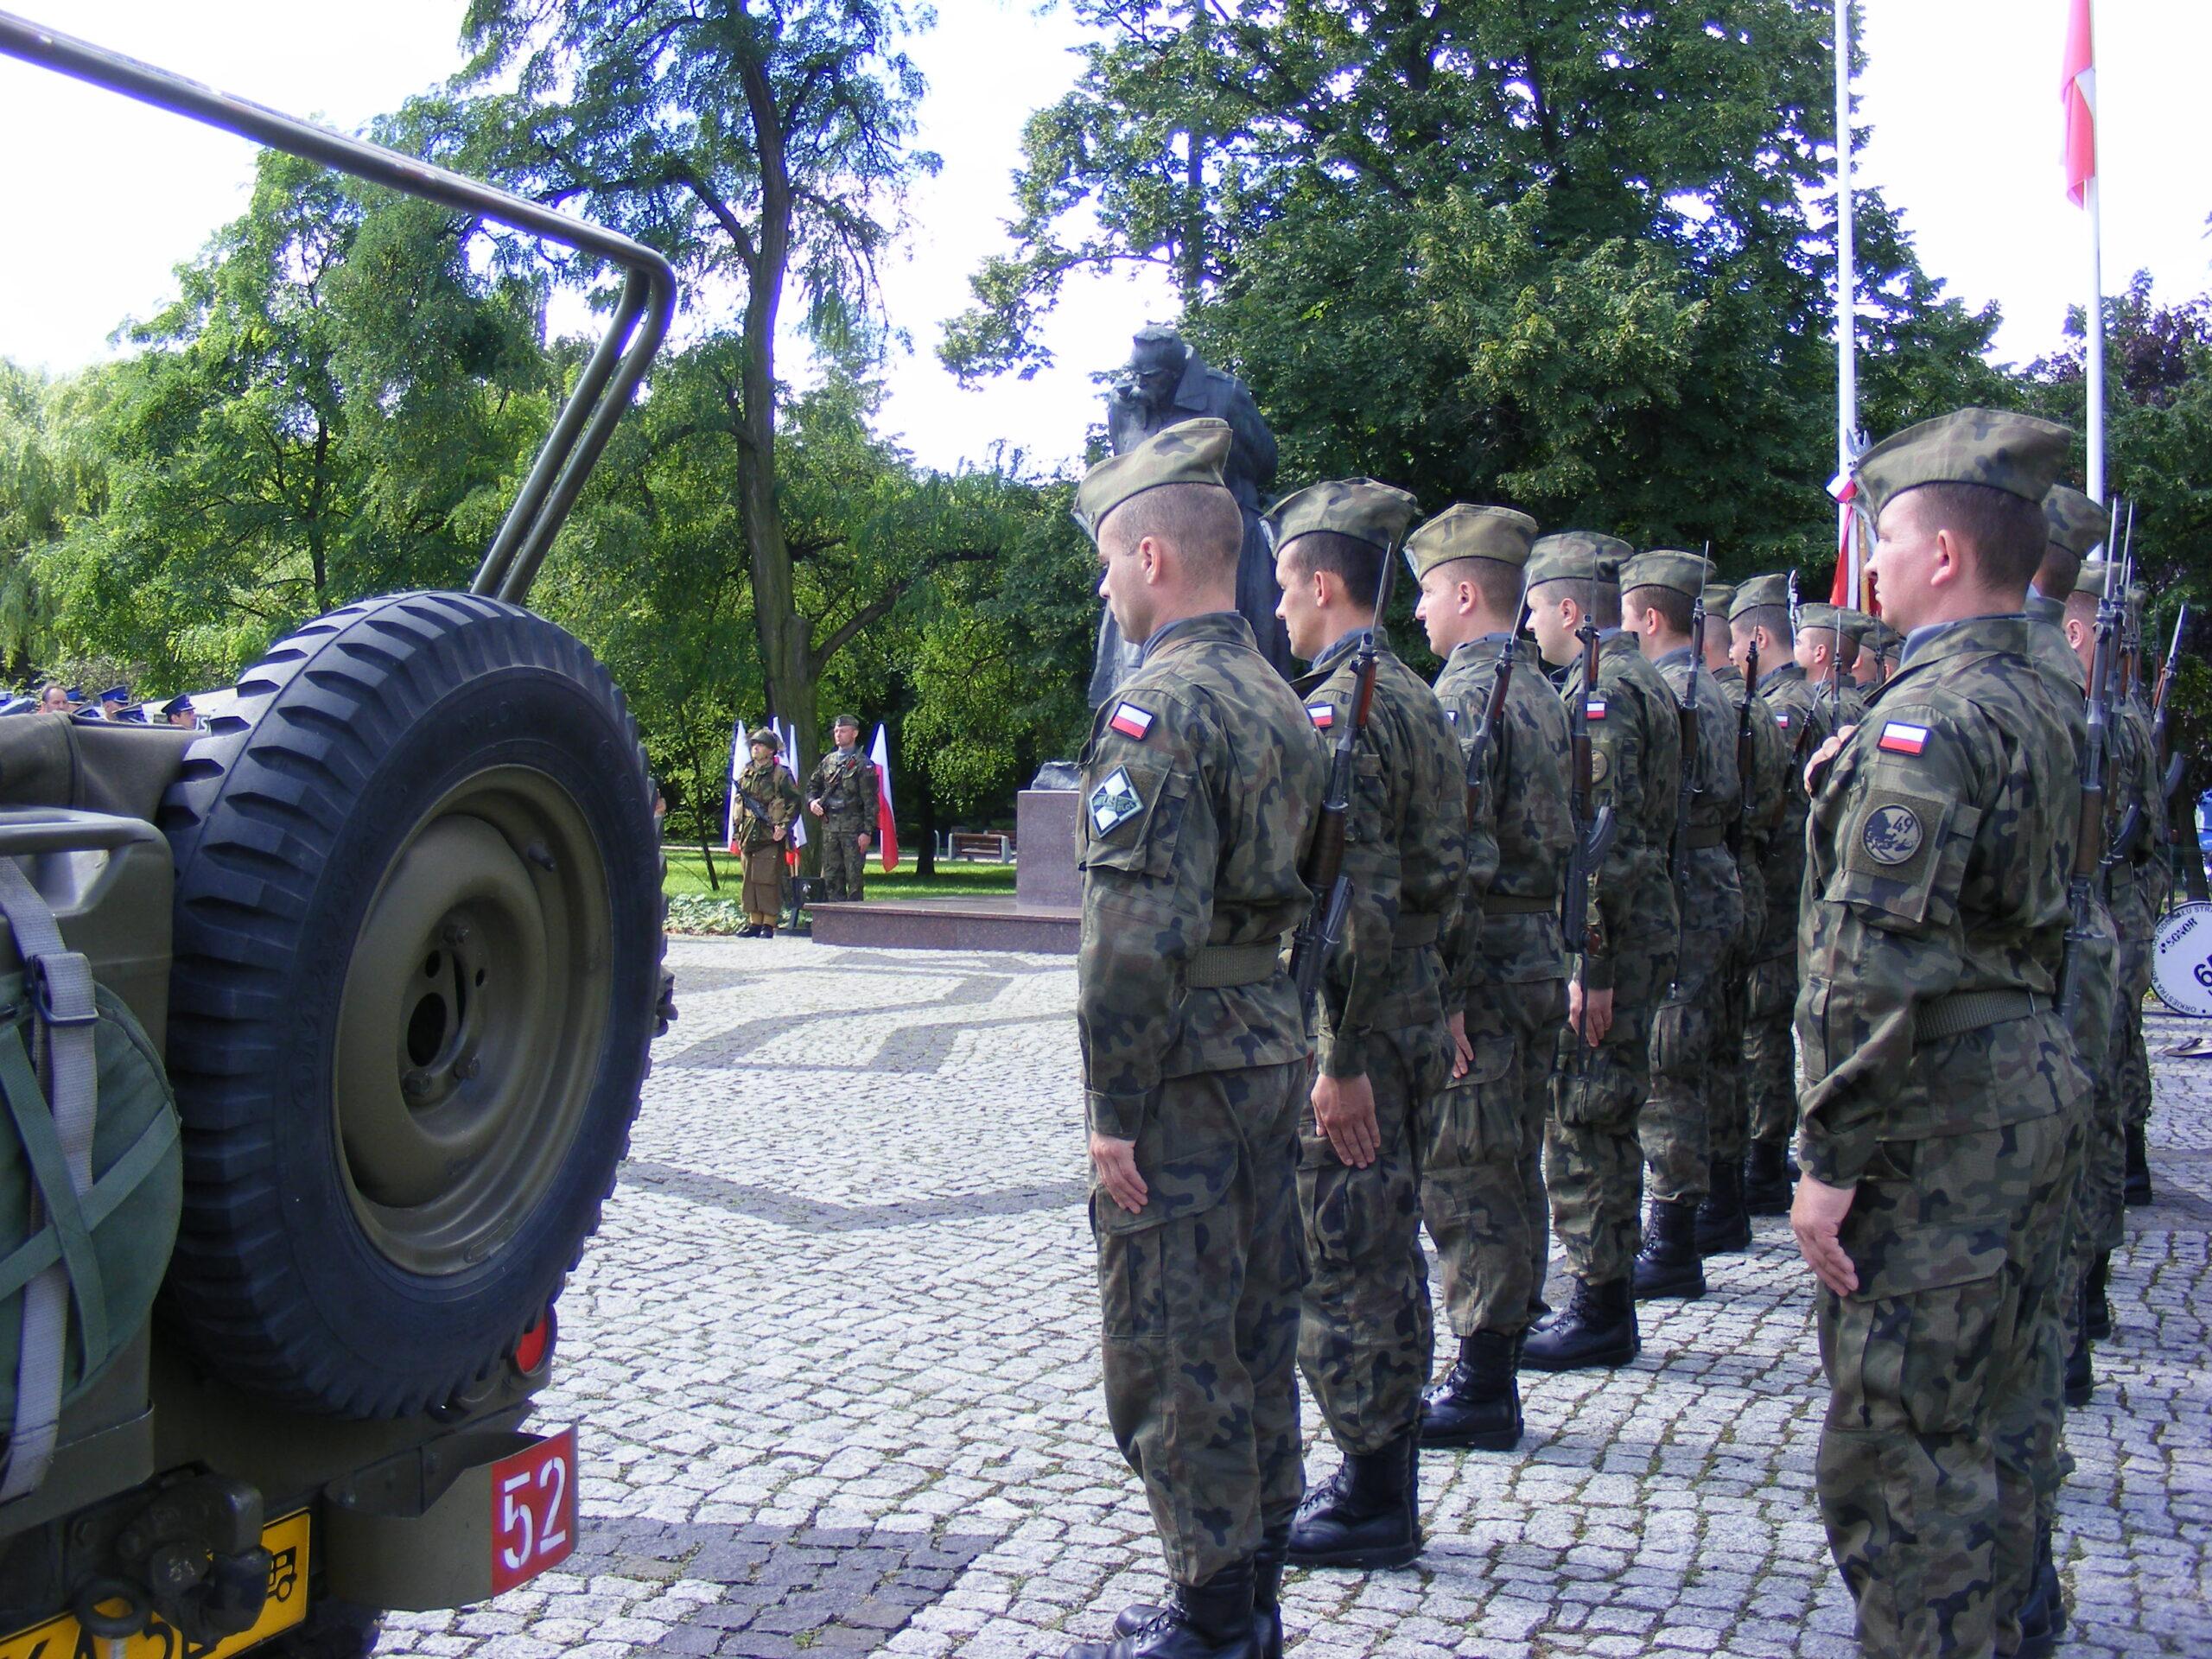 15 sierpnia obchodzimy Święto Wojska Polskiego. Przed pomnikiem Józefa Piłsudskiego w Gdańsku zabrzmiała salwa honorowa [GALERIA]